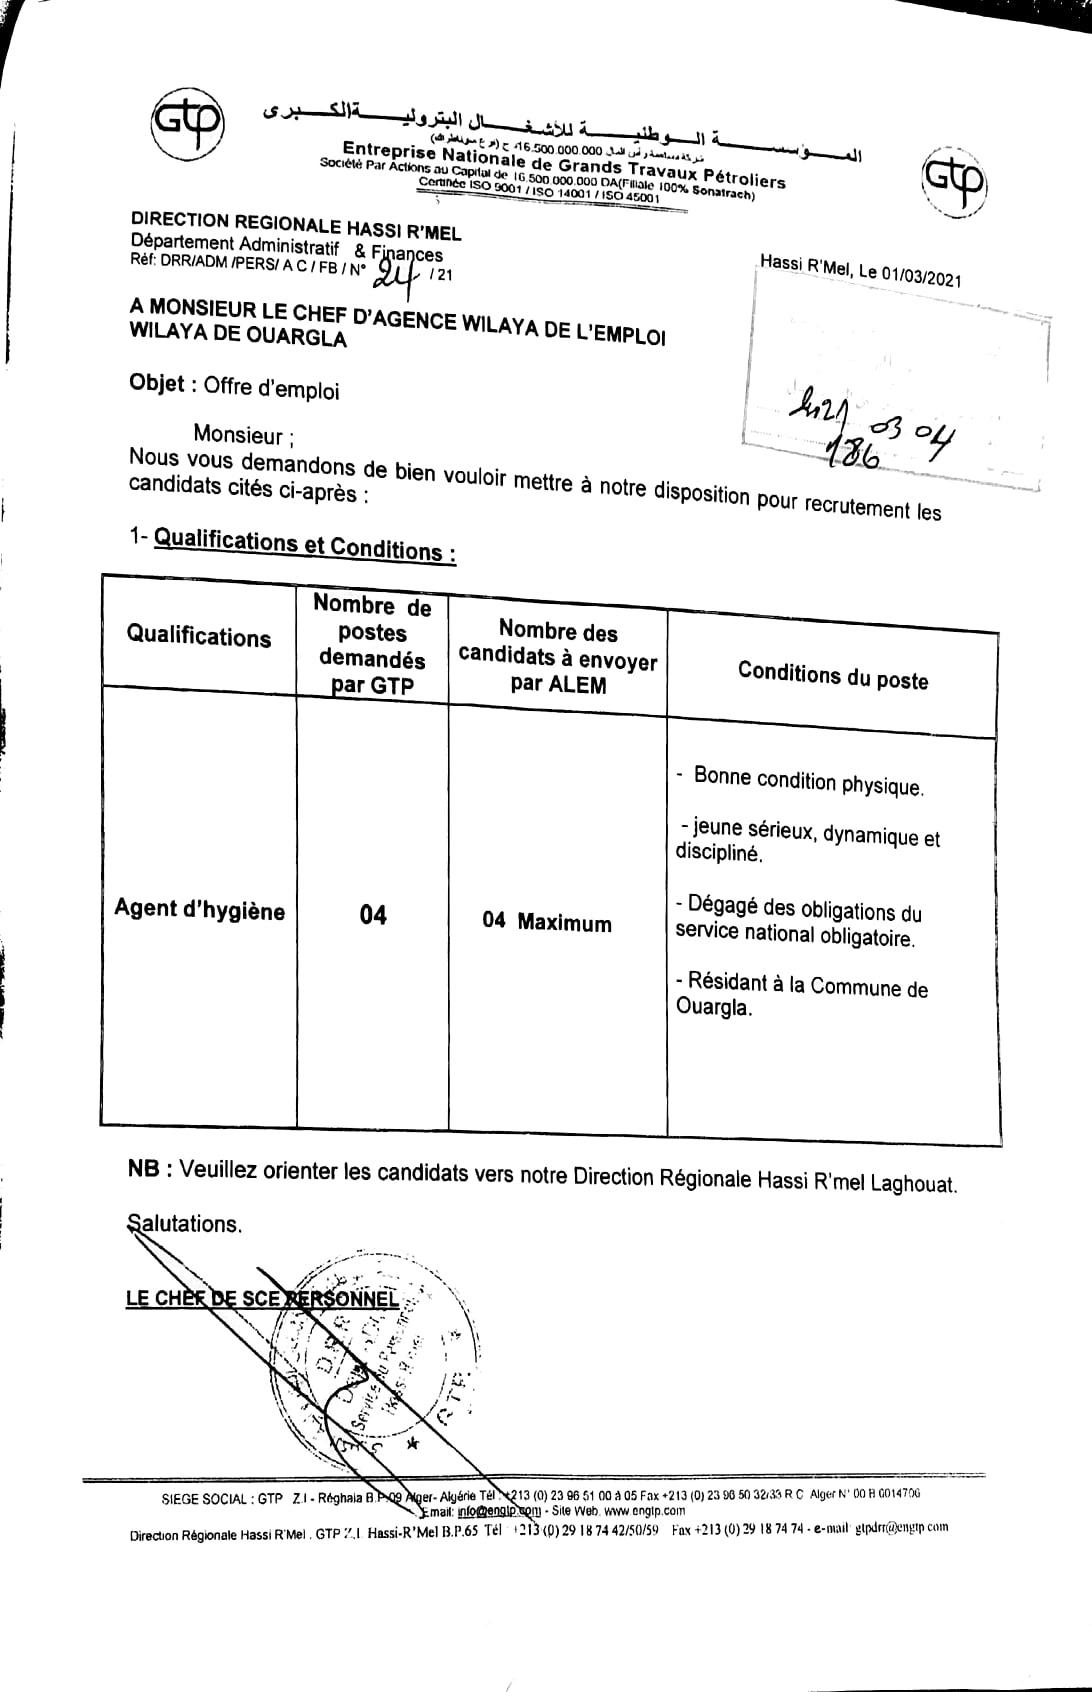 اعلان توظيف بالمؤسسة الوطنية للأشغال البترولية الكبرى GTP ليوم 08 مارس 2021